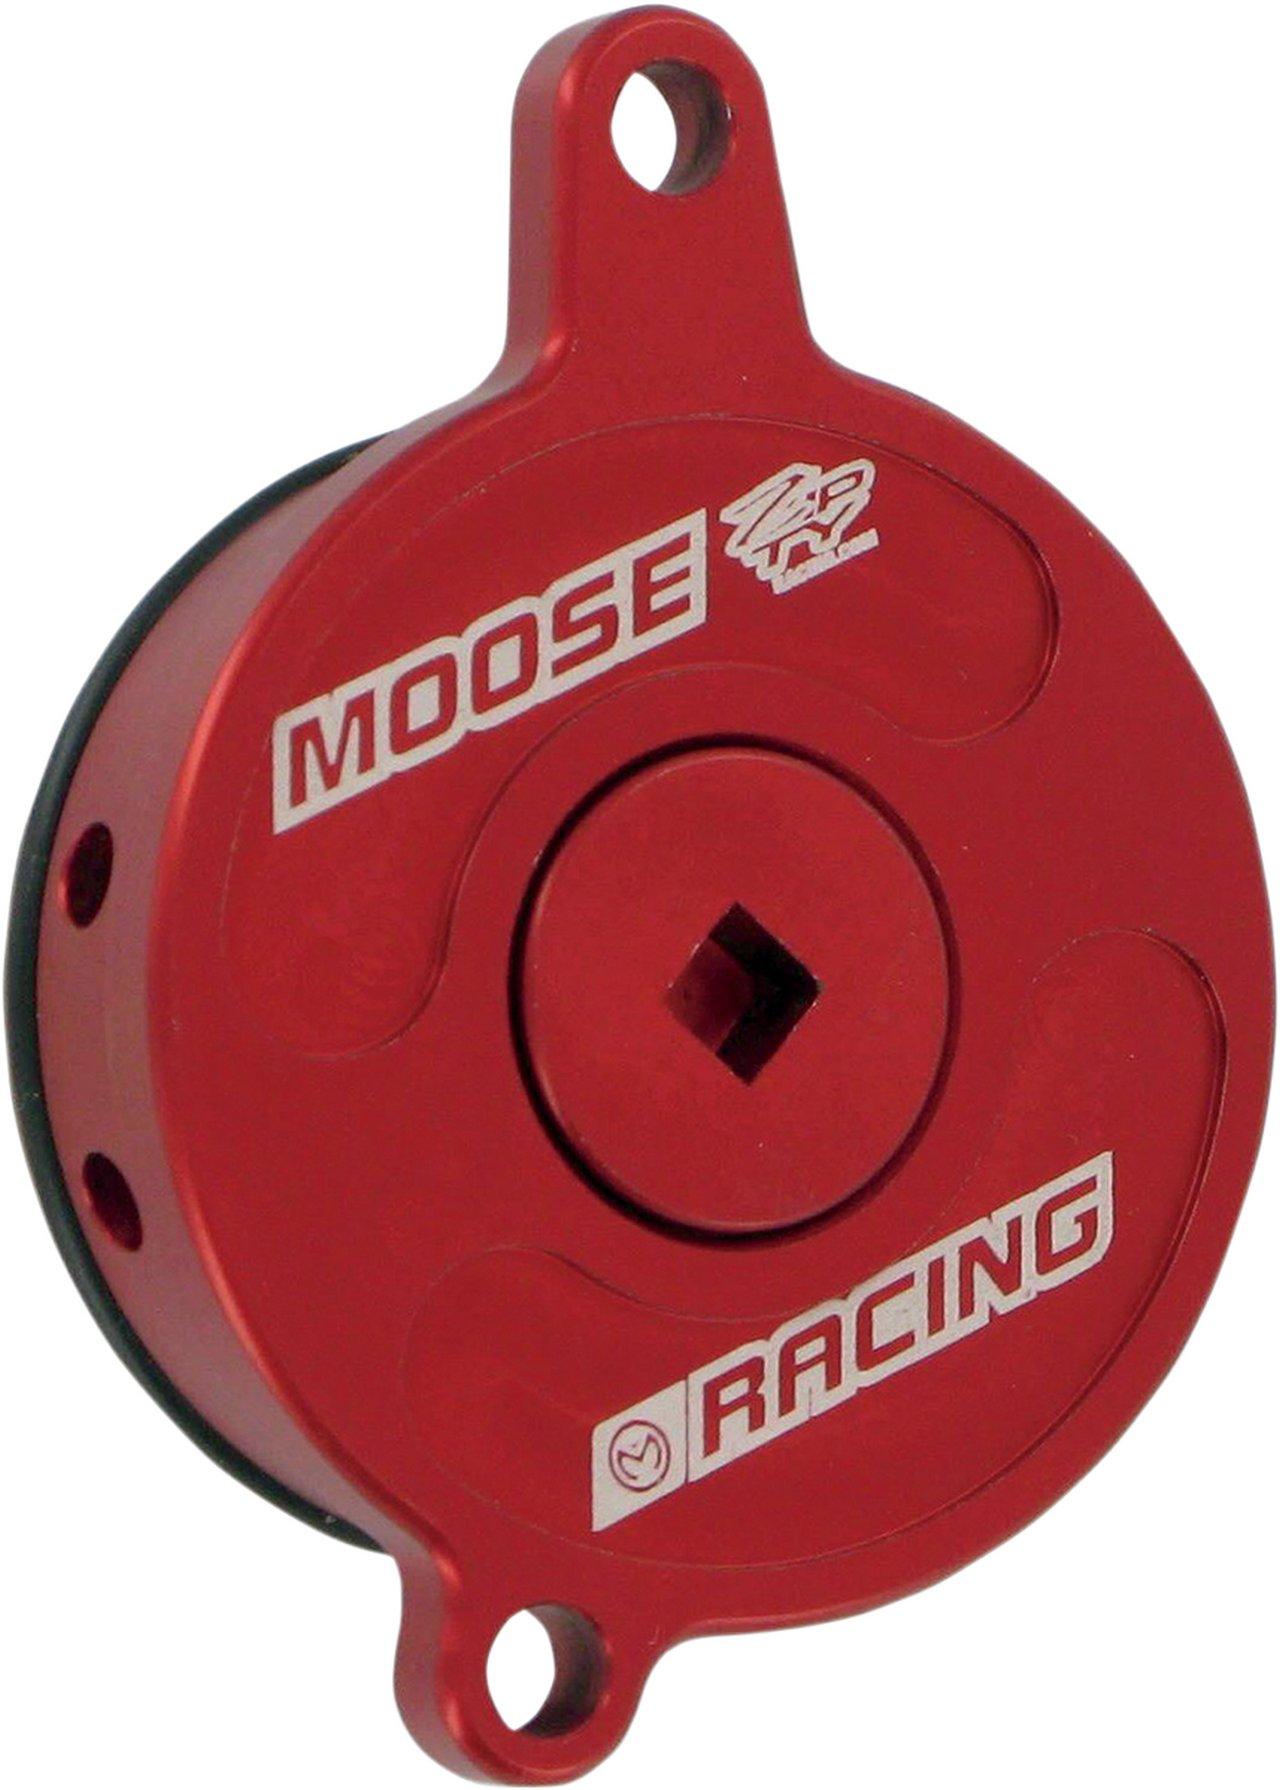 【MOOSE RACING】磁性機油濾芯蓋 ZIP-TY [0940-0731] - 「Webike-摩托百貨」